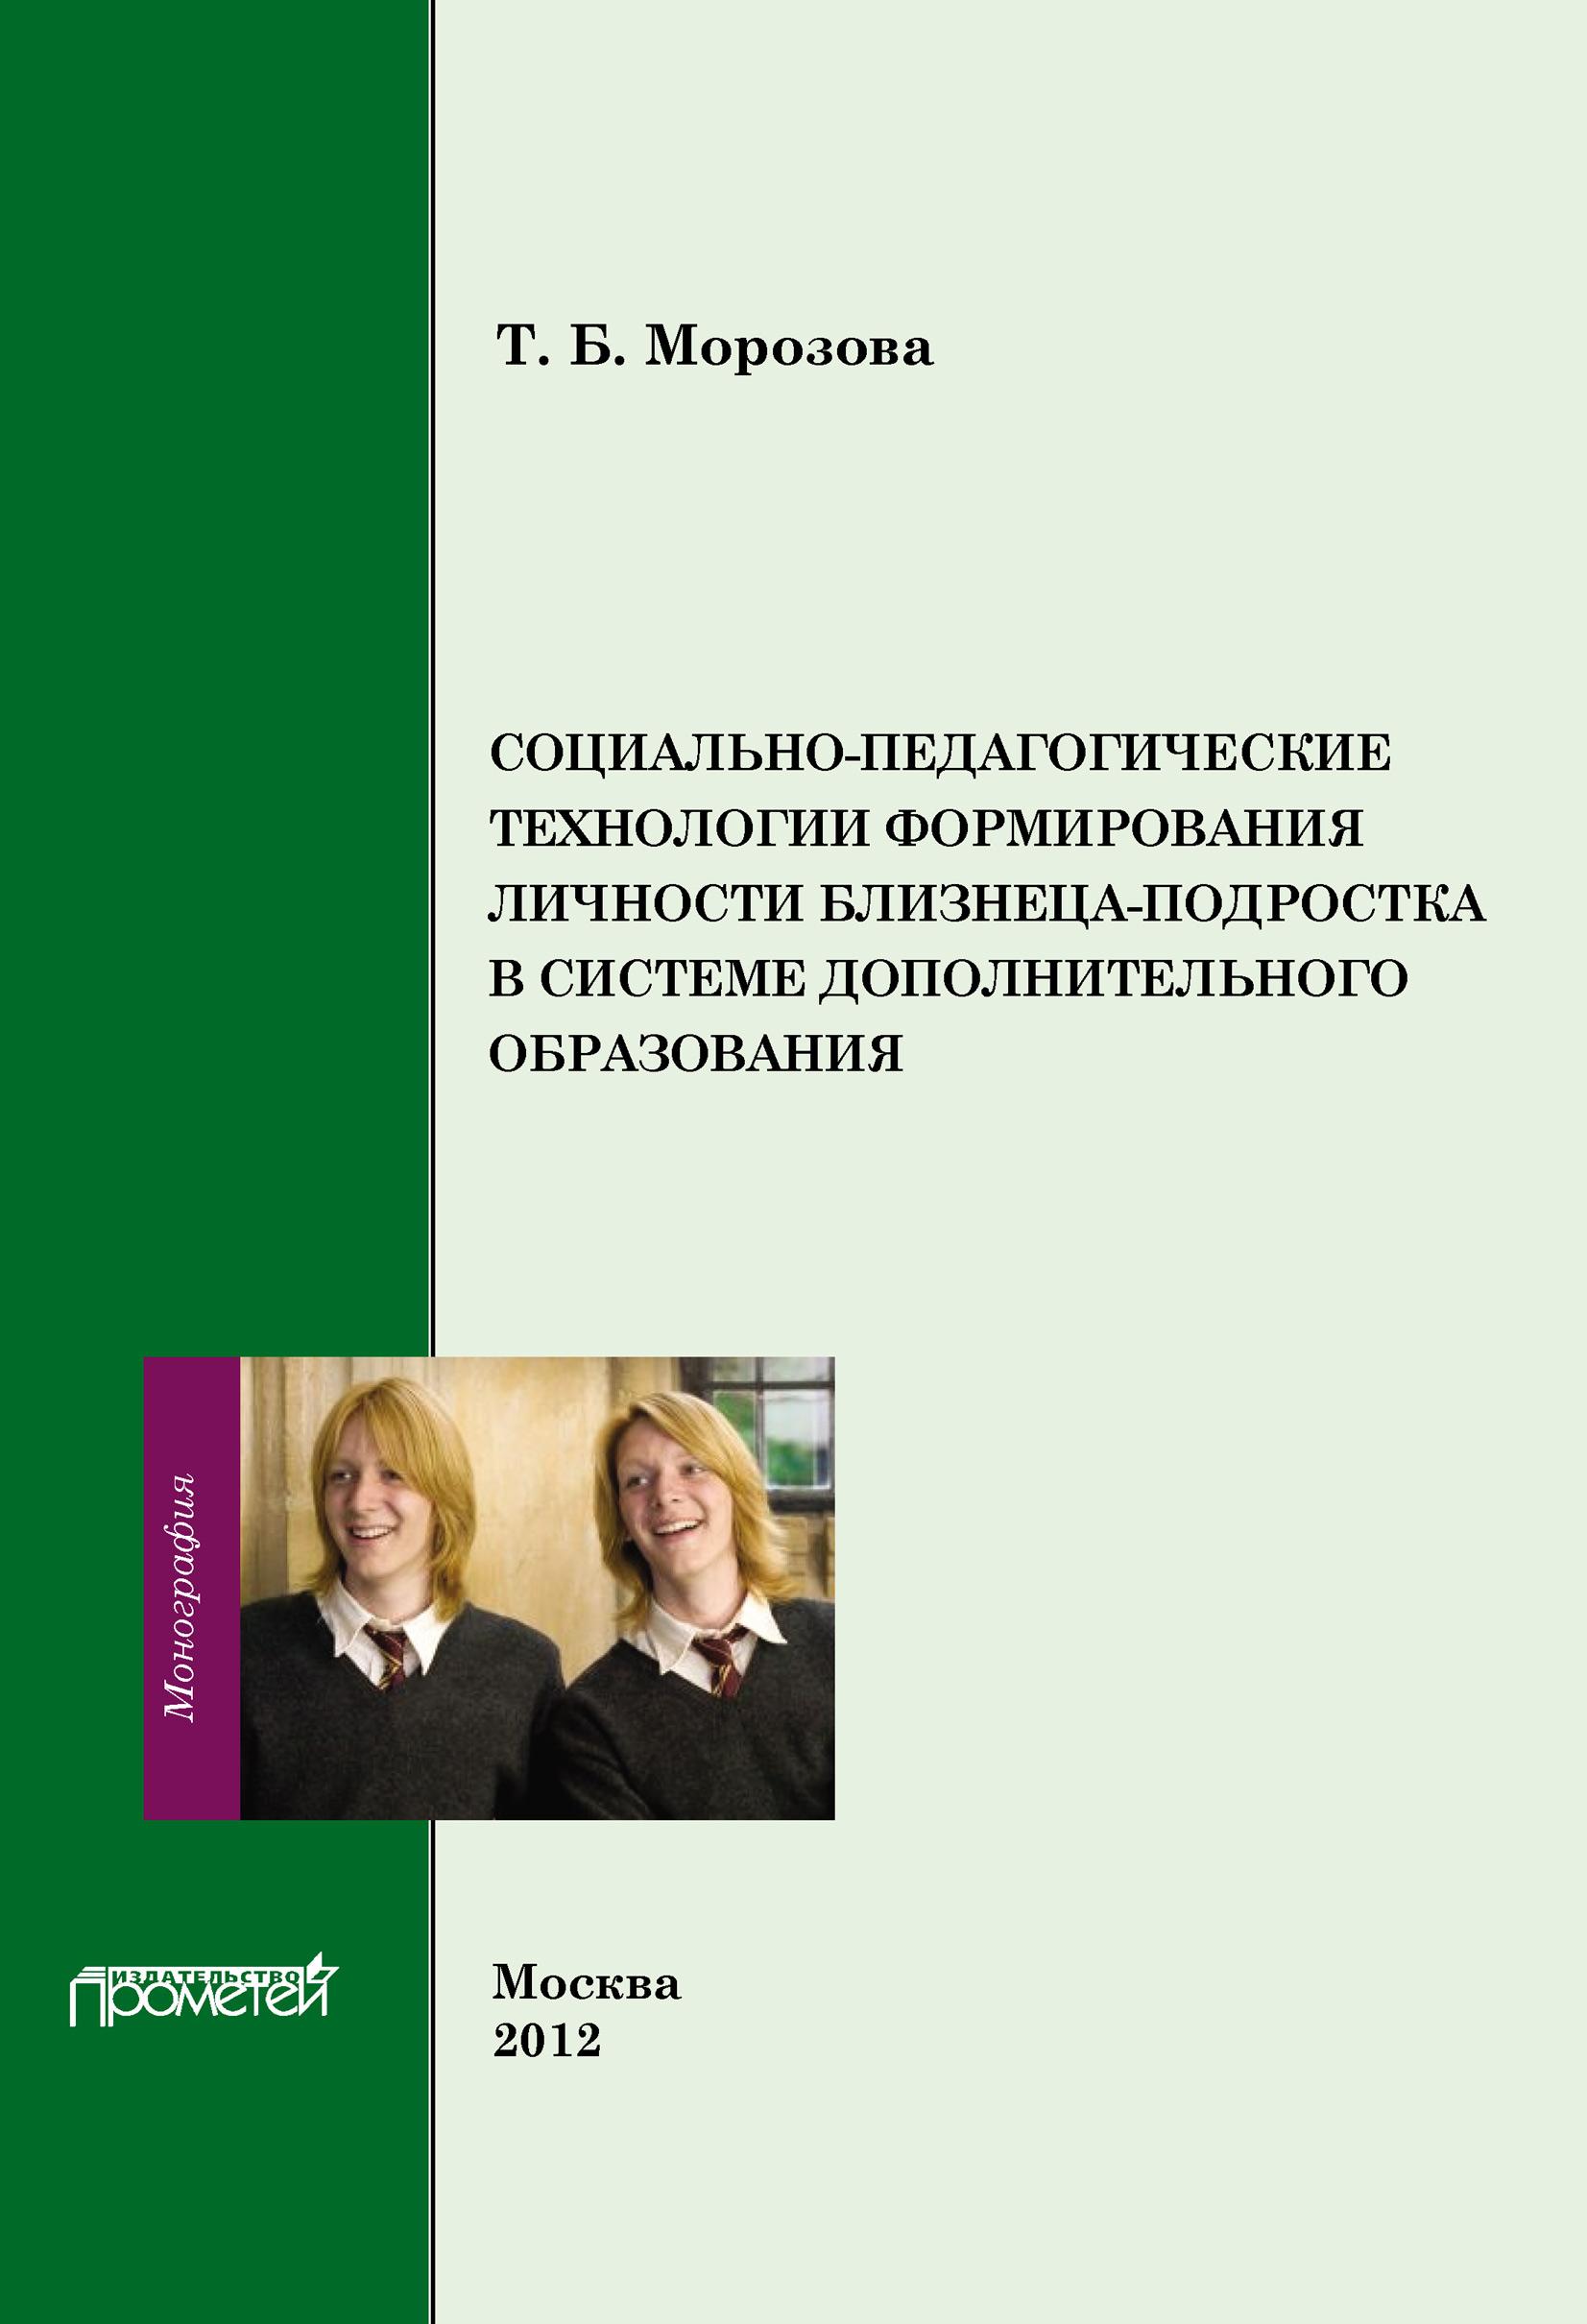 цены на Т. Б. Морозова Социально-педагогические технологии в формировании личности близнеца-подростка в системе дополнительного образования